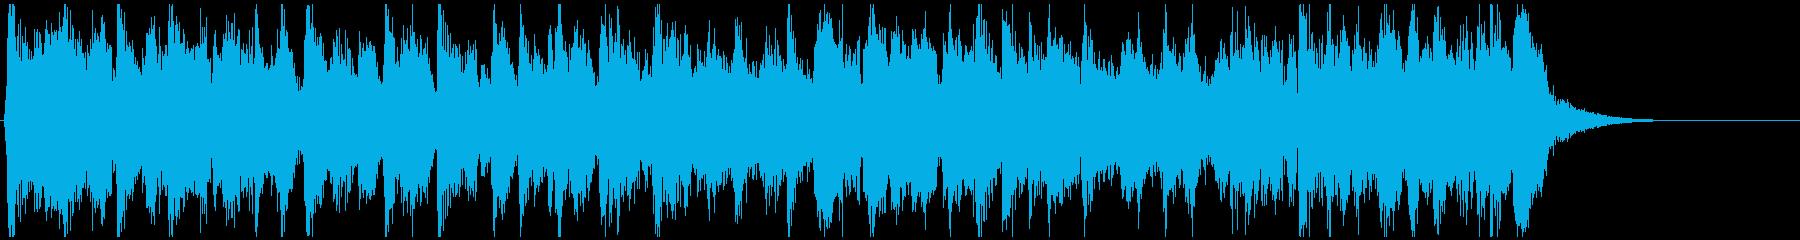 超ノリノリ生音系ディスコ◆15秒ジングルの再生済みの波形